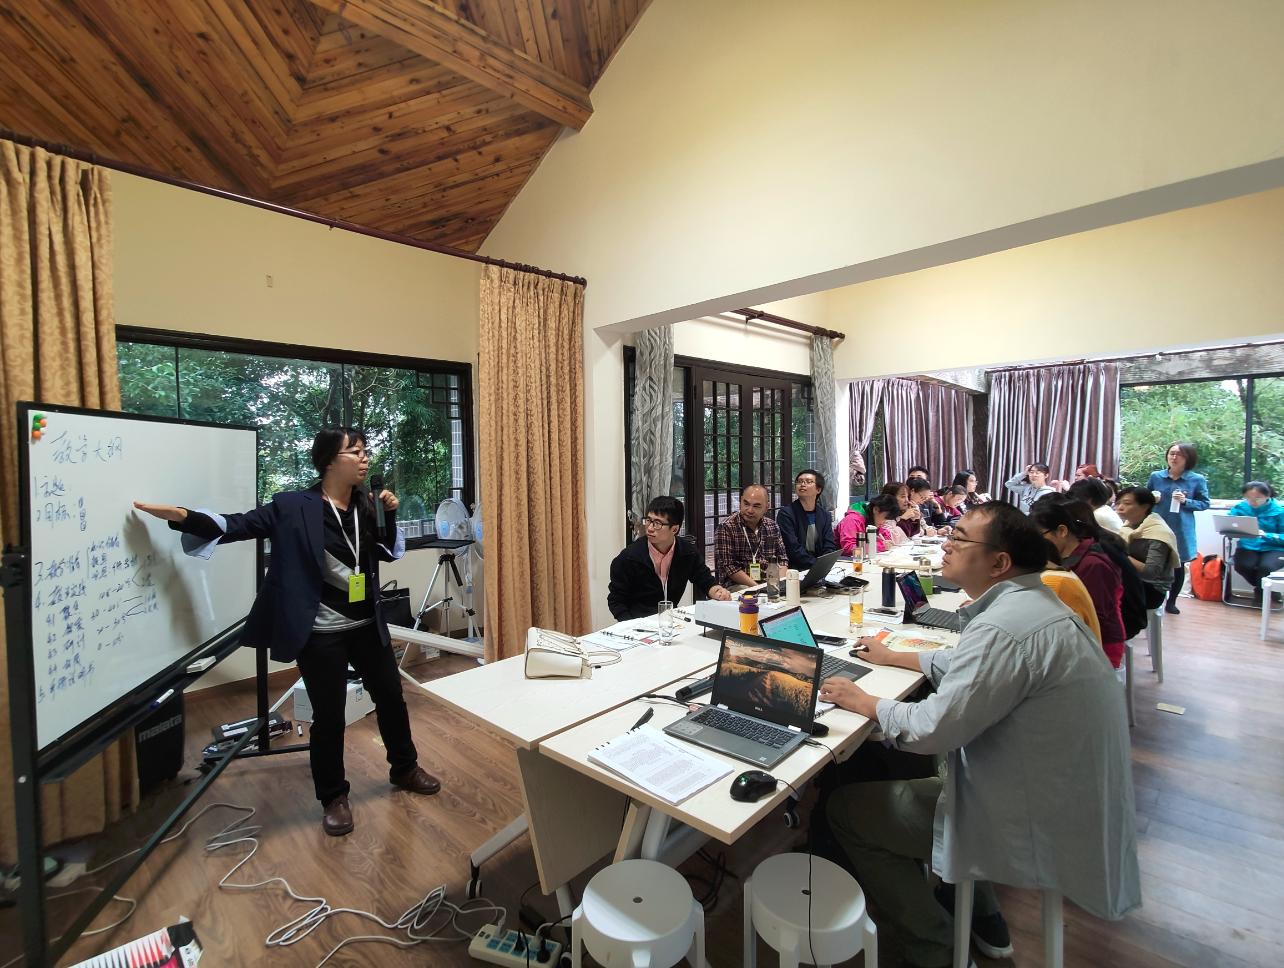 跨界交流新尝试——中国植物园联盟2019年植物园与科学教育研讨会顺利举办